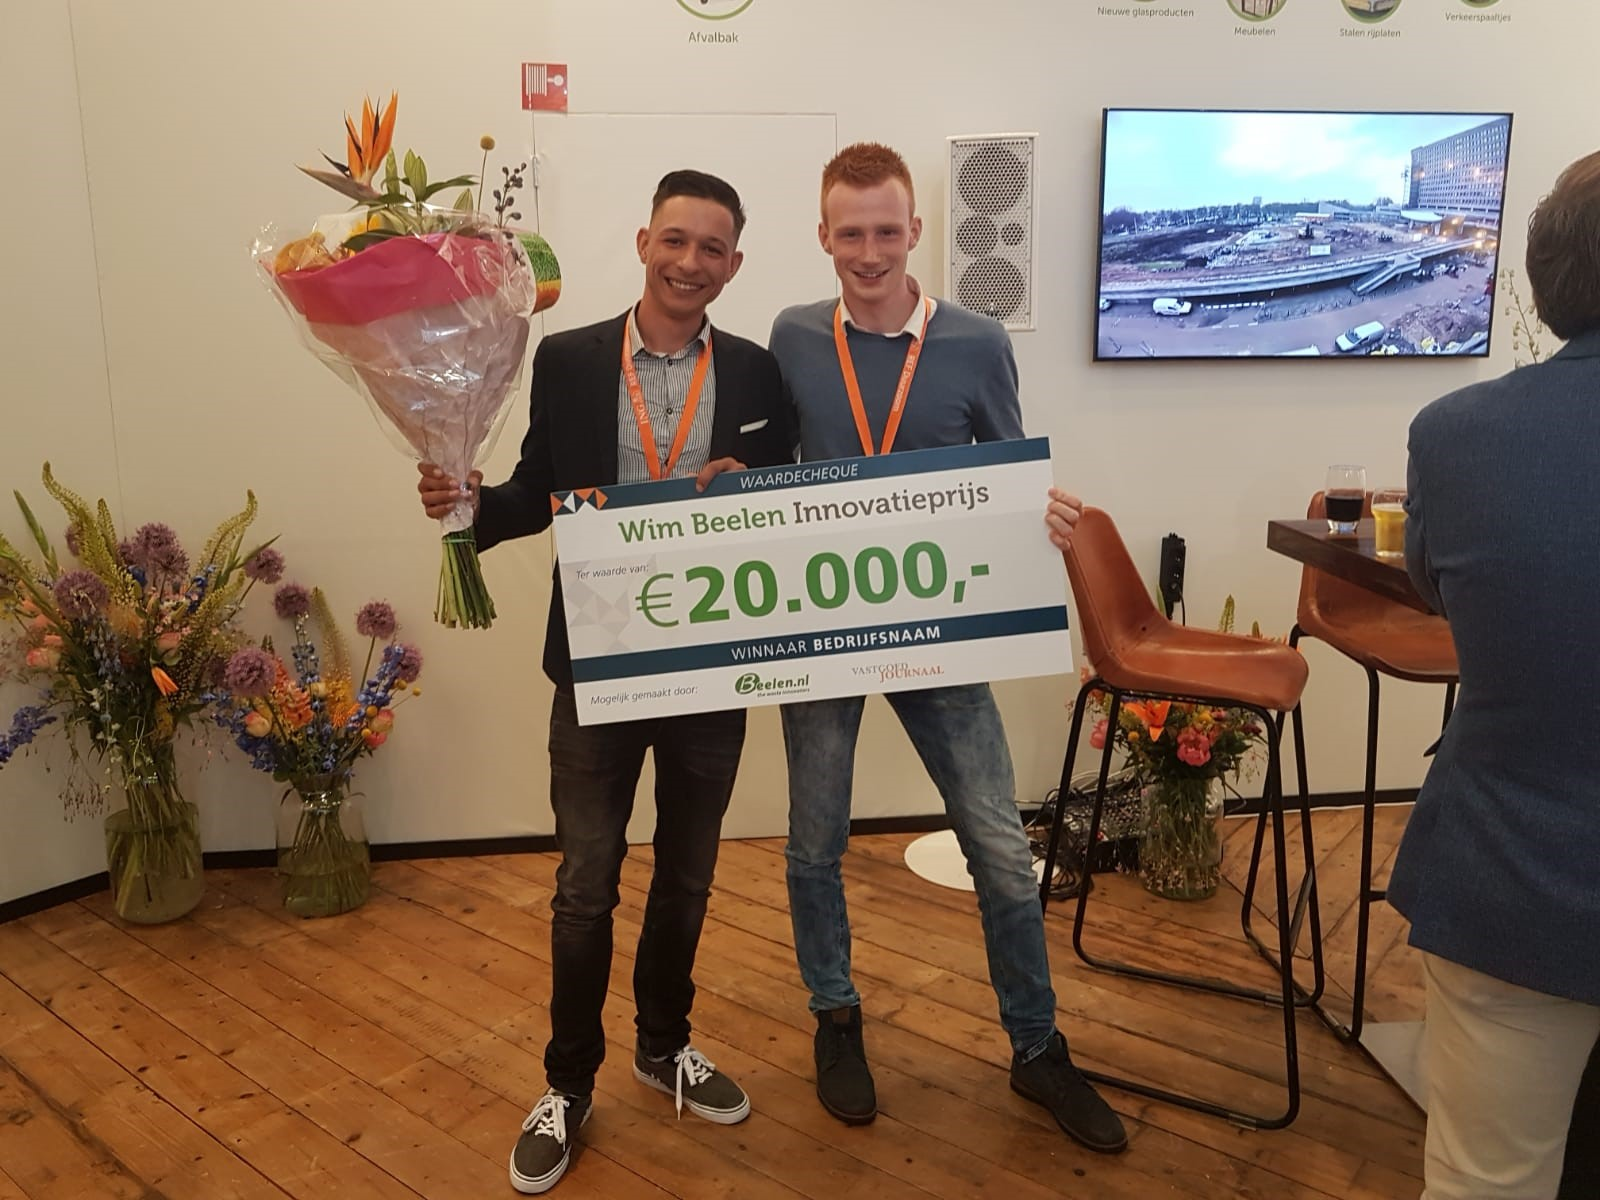 Bouwkundestudenten Donny Hoogendorp en Juriën Veenman ontvangen de Wim Beelen Innovatieprijs 2018. (Foto: aangeleverd)